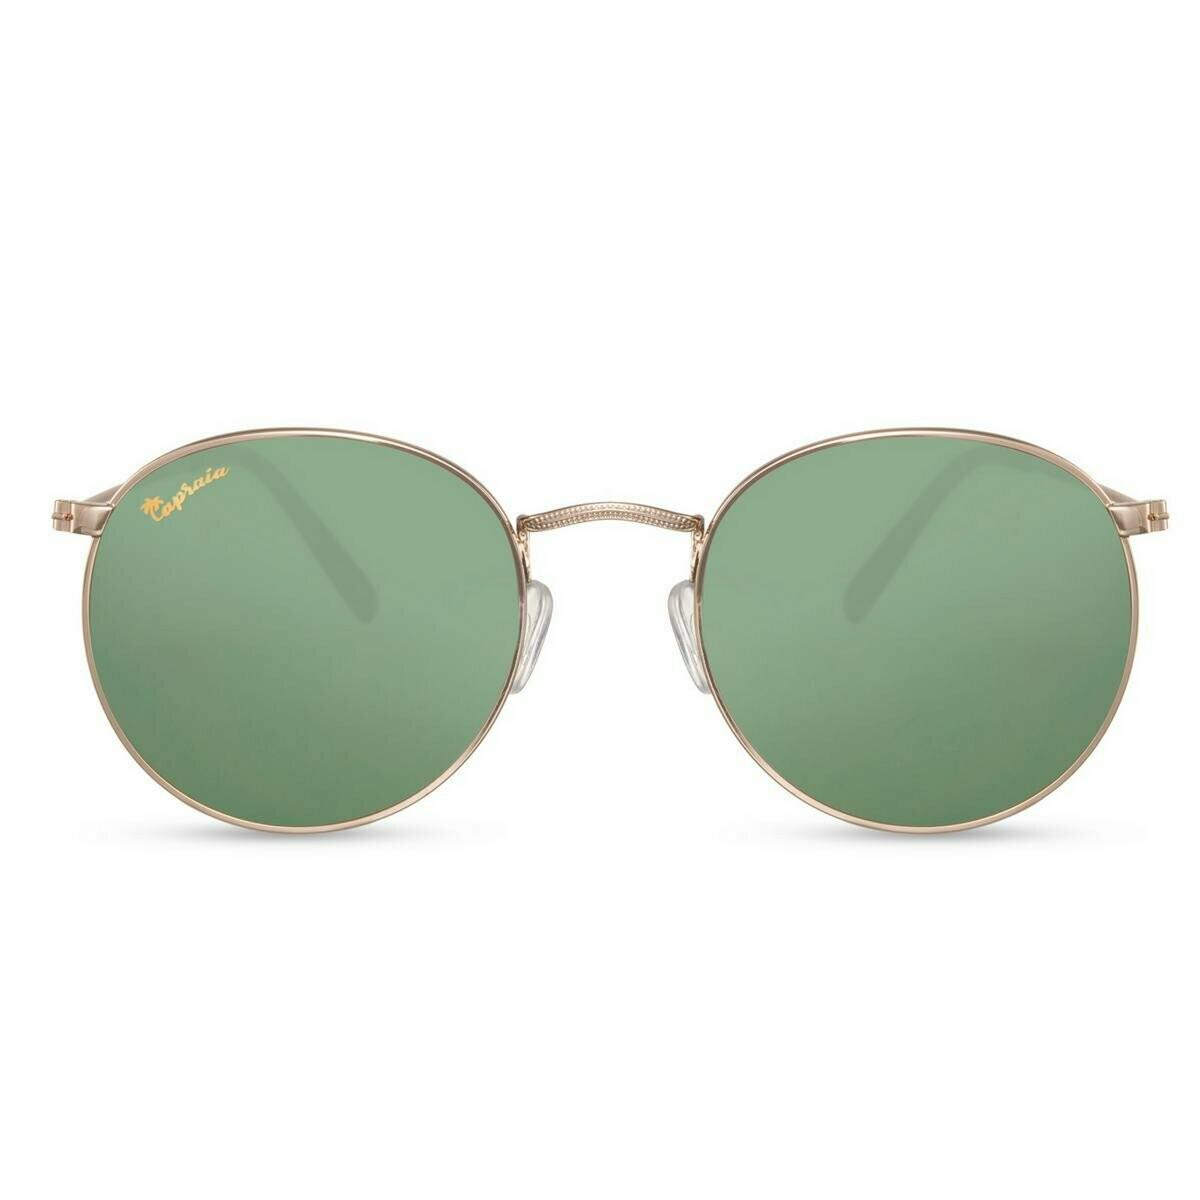 Capraia Bellone - Green inclusief hoes en poetsdoek